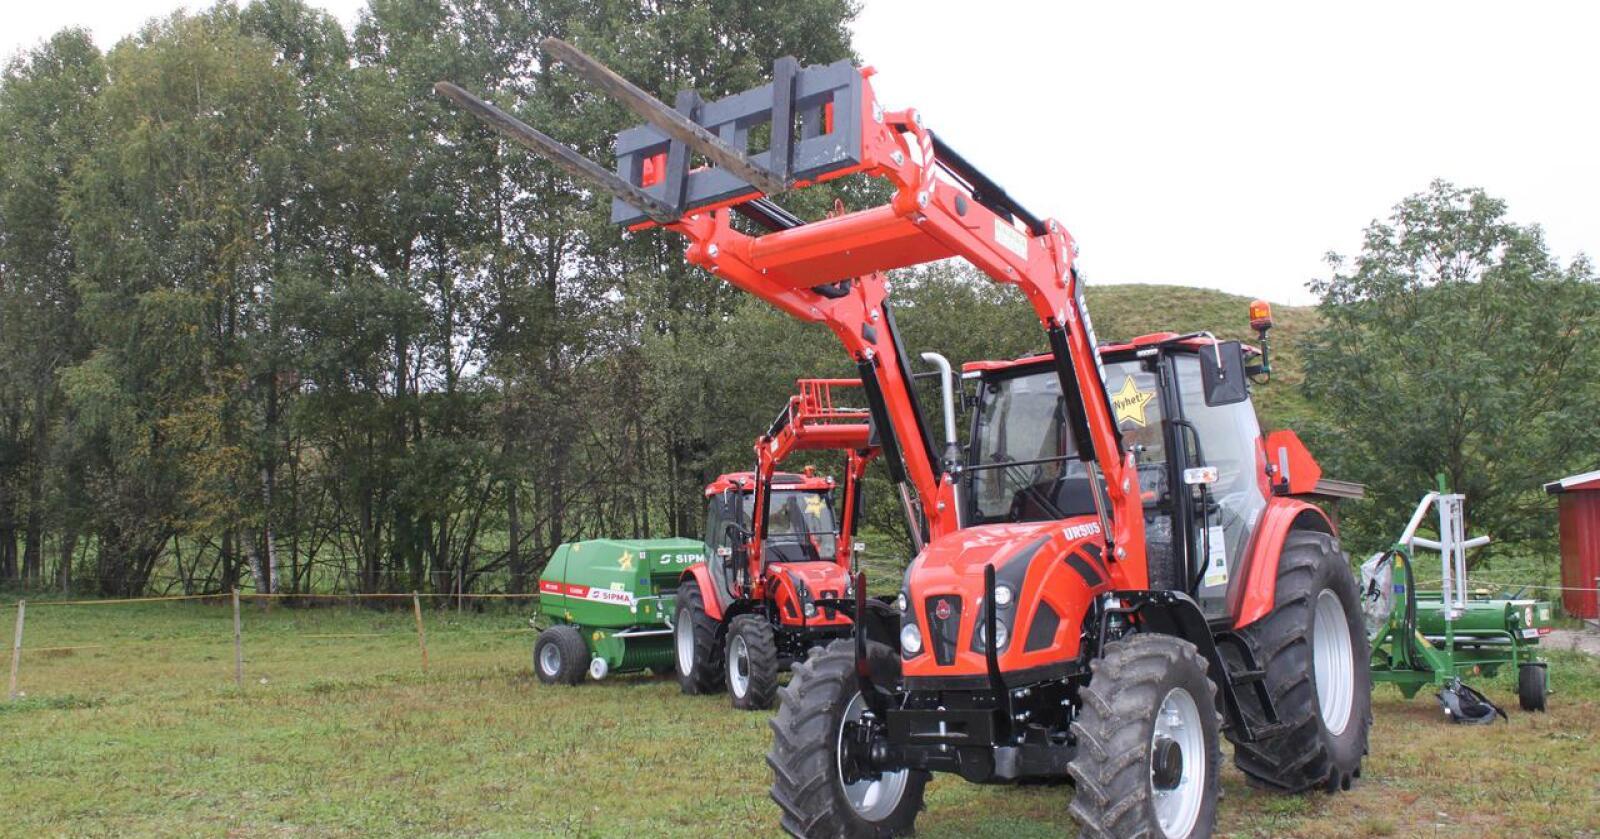 Ursus hadde sin storhetstid her i landet på -80 tallet. Merket var kjent for store, kraftige, enkle og ganske rimelige traktorer som var solide.